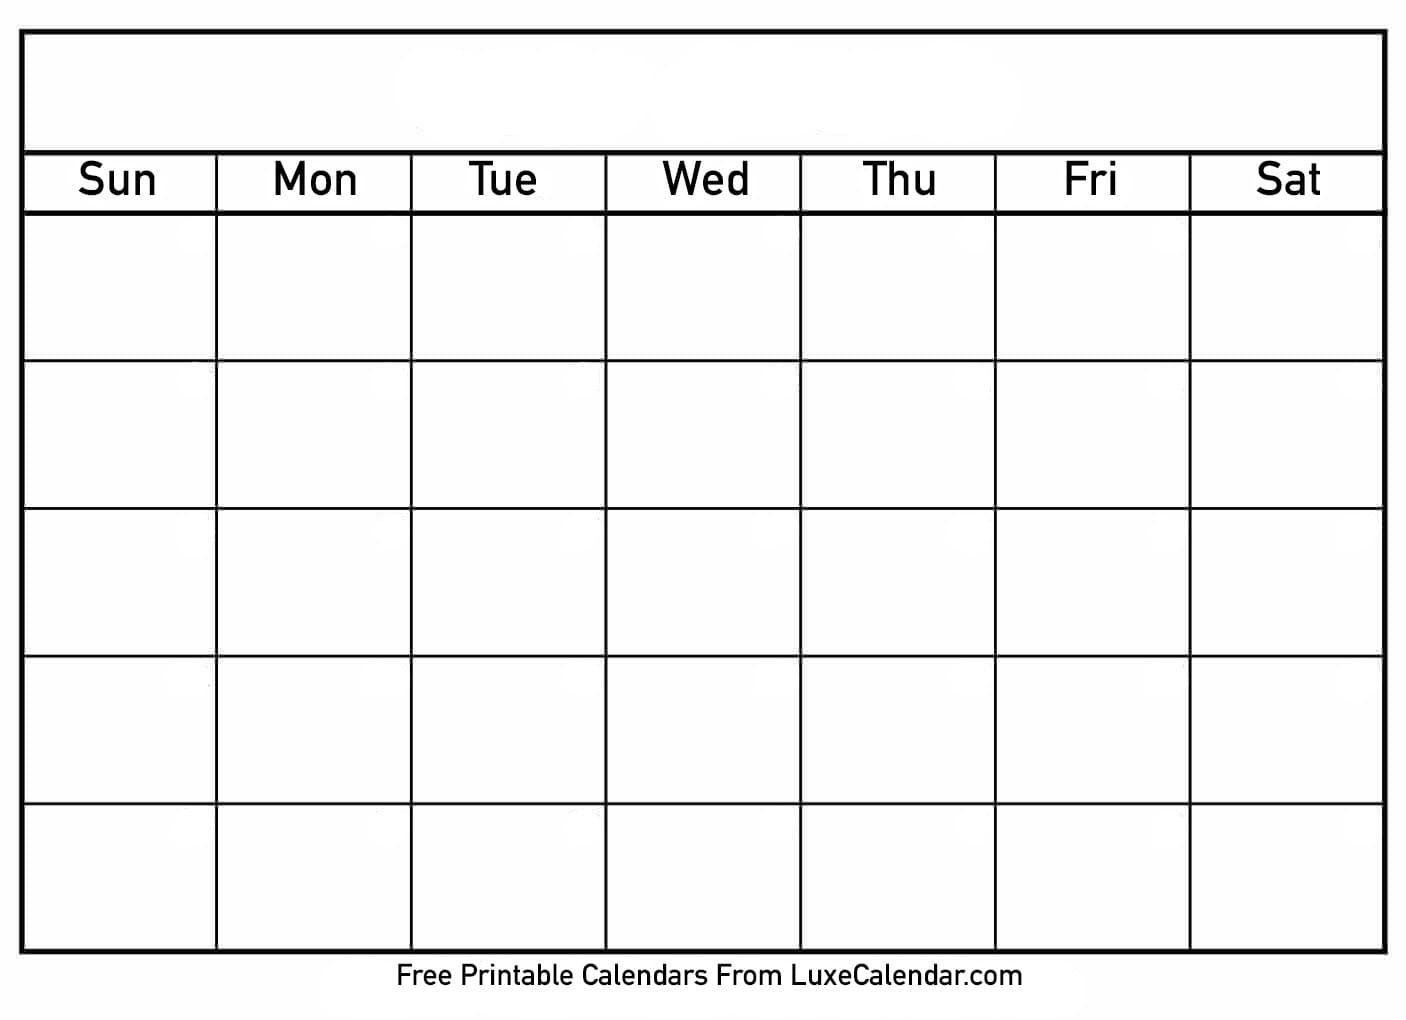 Printable Calendar You Can Add Text Printable Calendar You